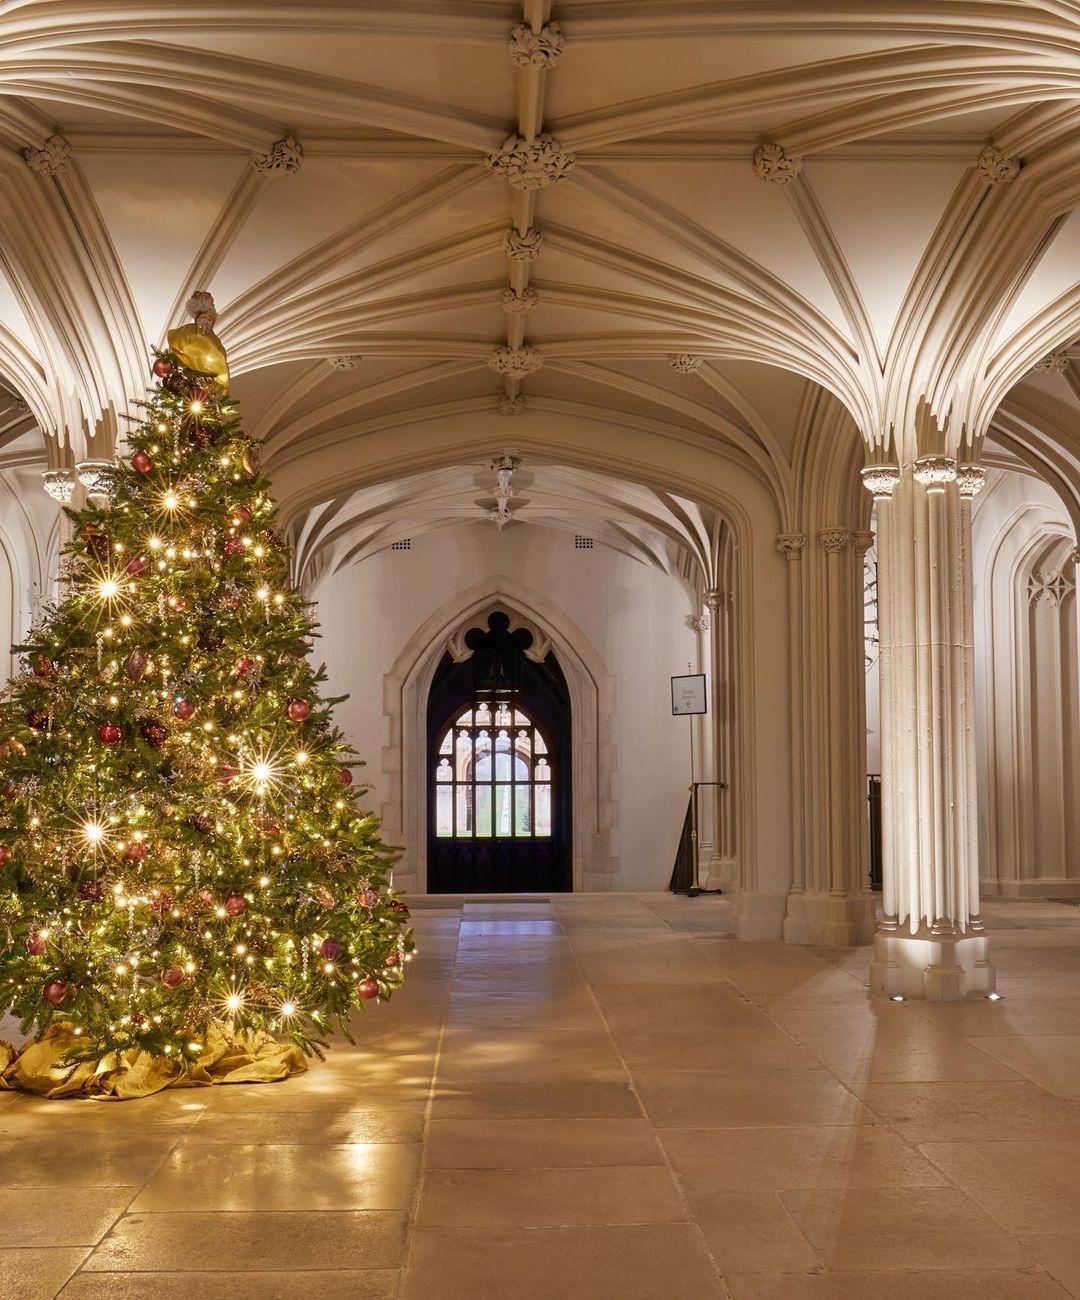 Настоящая сказка для Елизаветы II: смотрите, как украсили Виндзорский замок к Рождеству (ФОТО) - фото №2